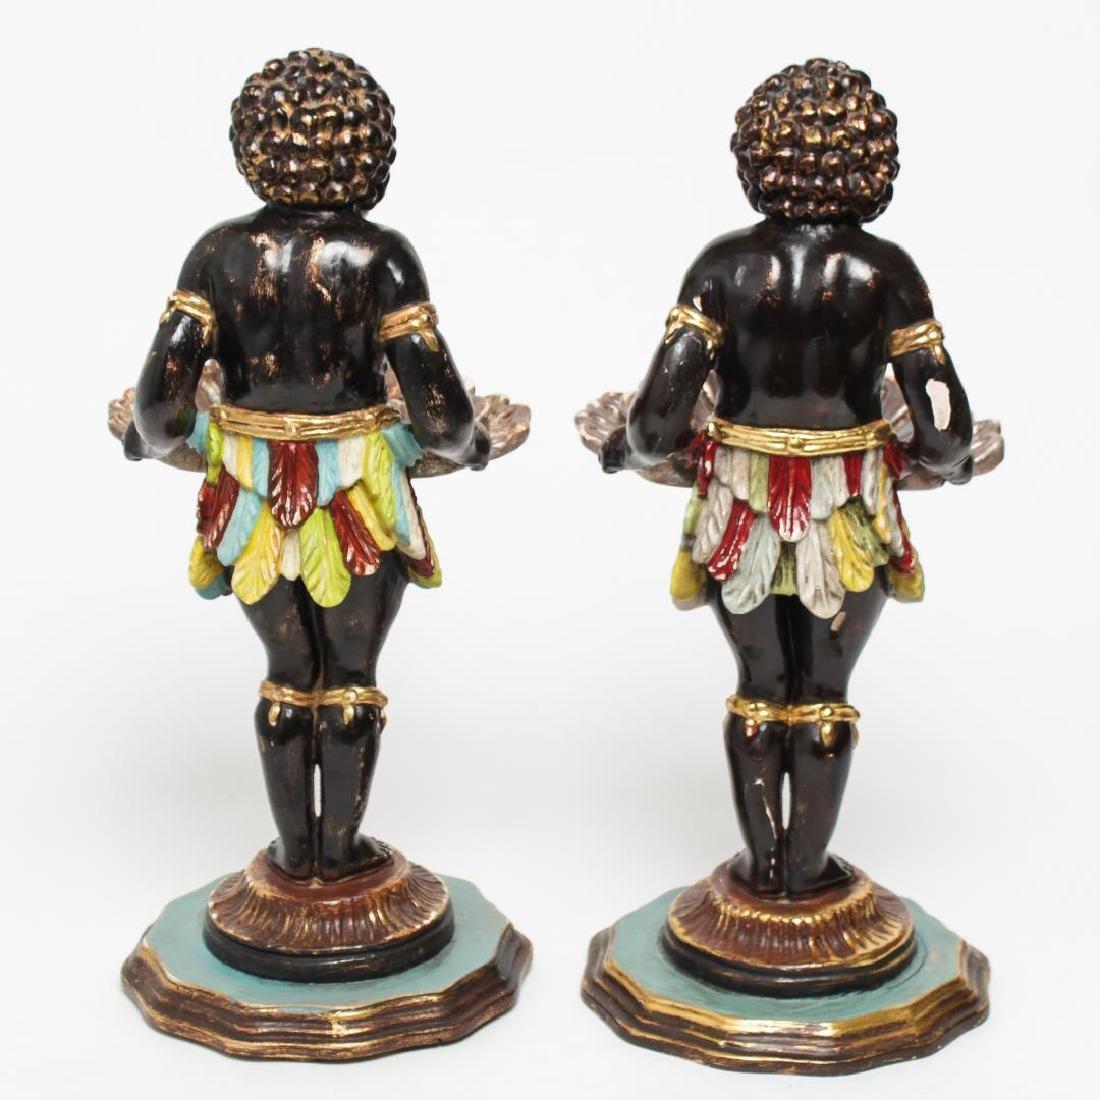 Italian Venetian Polychrome Wood Blackamoors, Pair - 3